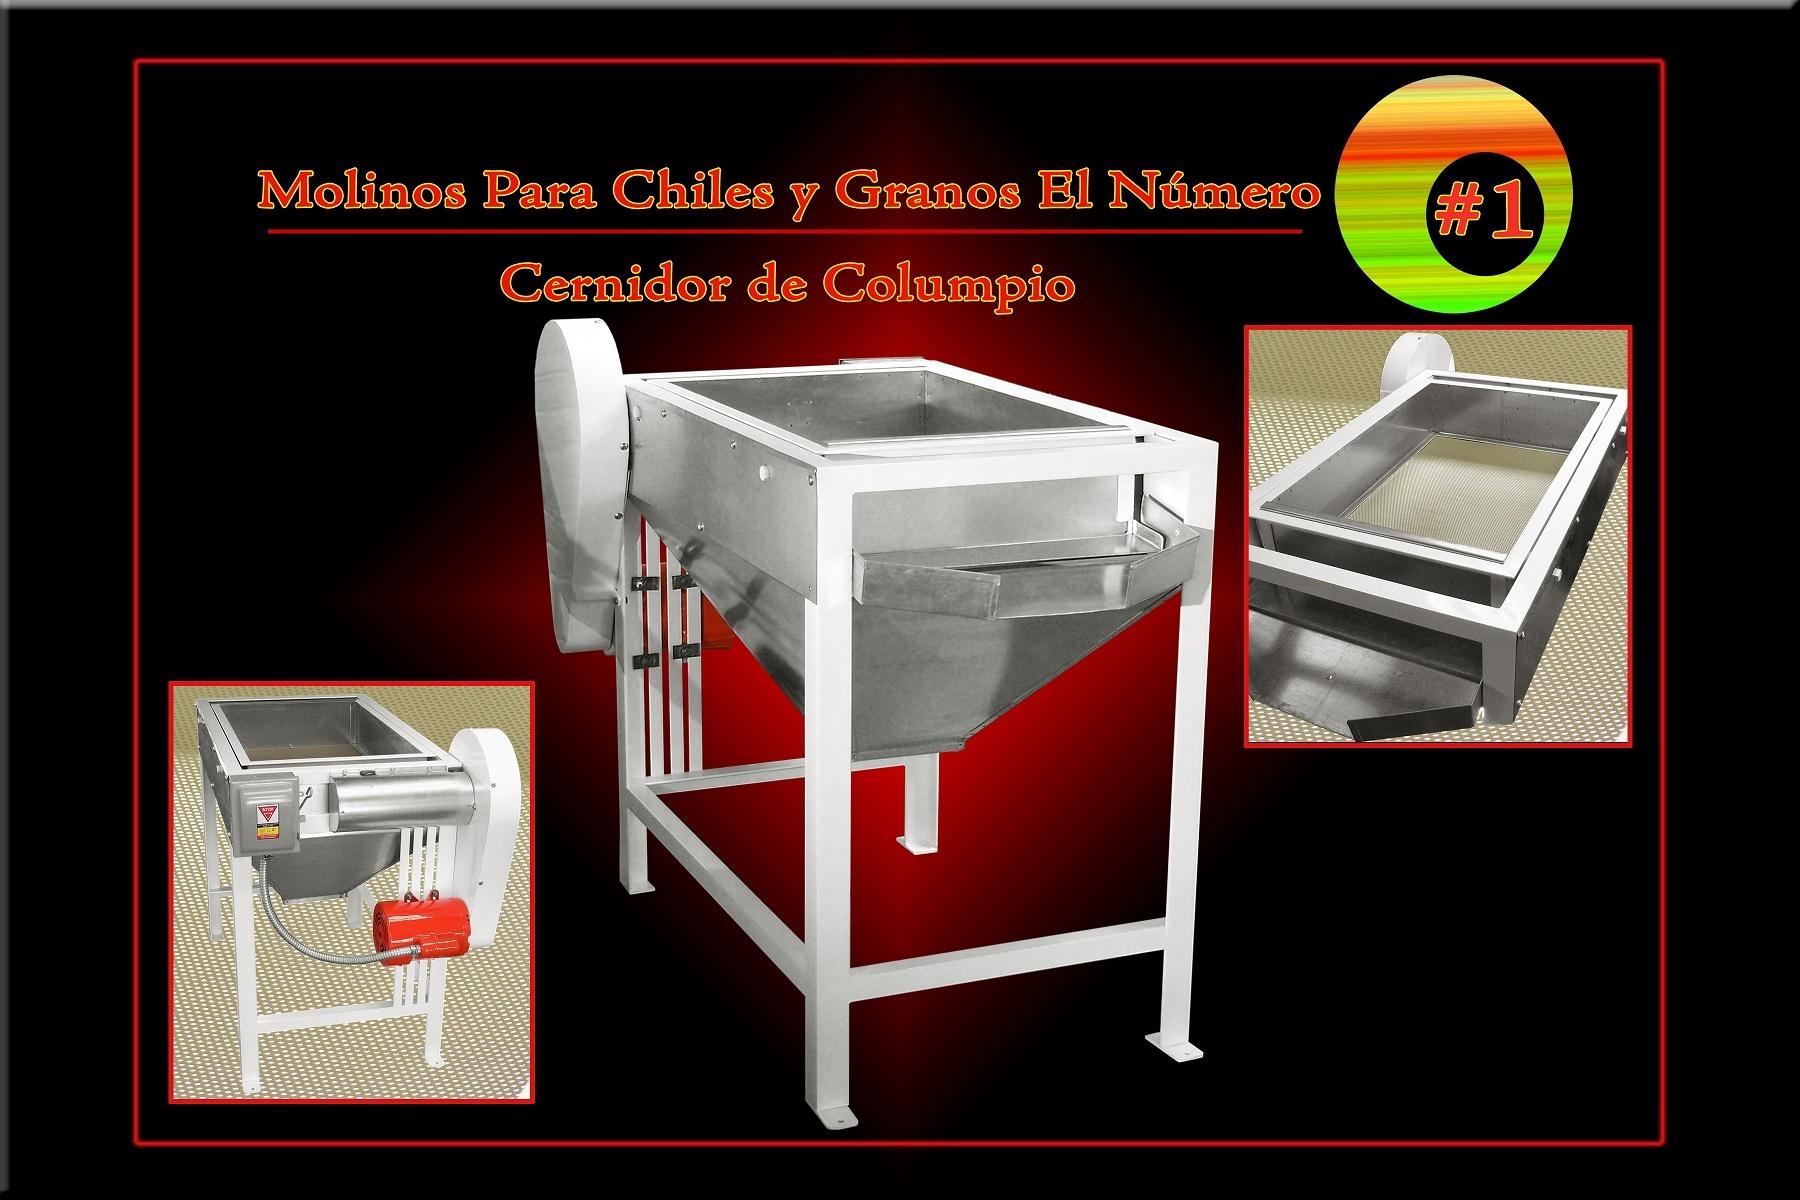 https://0201.nccdn.net/1_2/000/000/168/58f/Cernidora-de-Columpro-1800x1200.jpg